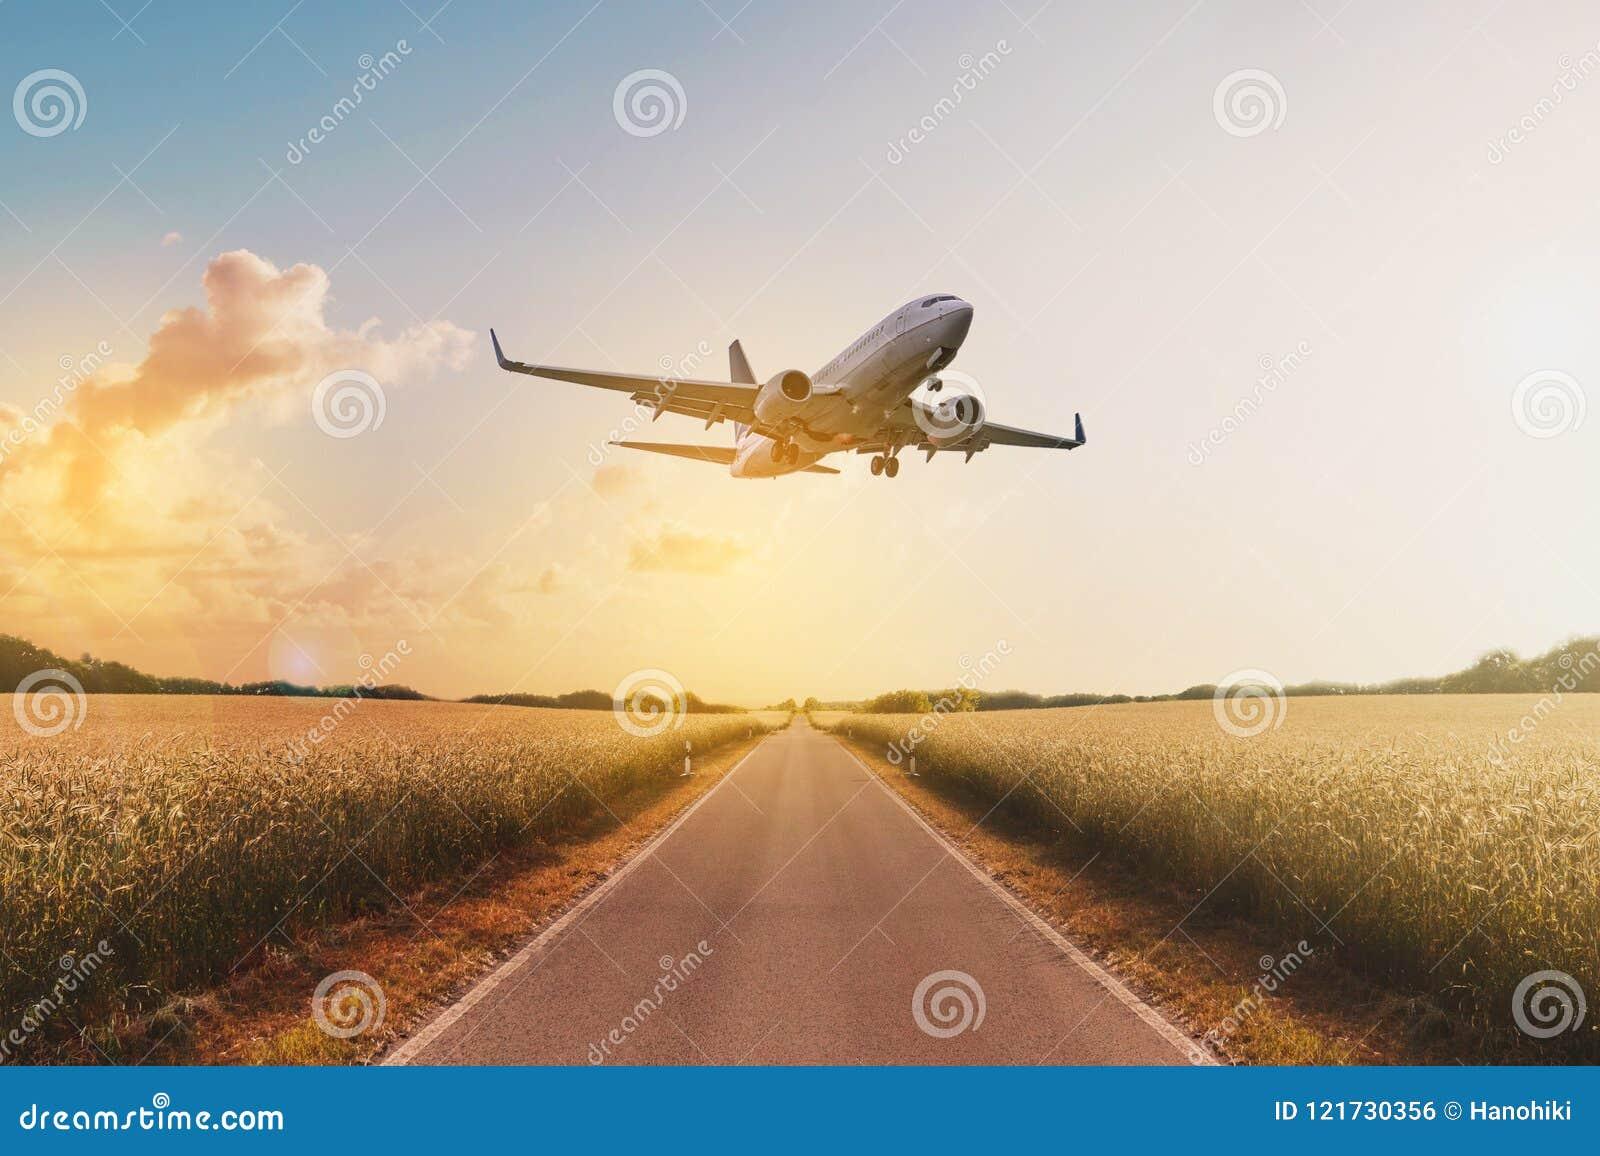 Αεροπλάνο που πετά επάνω από τον κενό δρόμο στο αγροτικό τοπίο - ταξίδι ομο